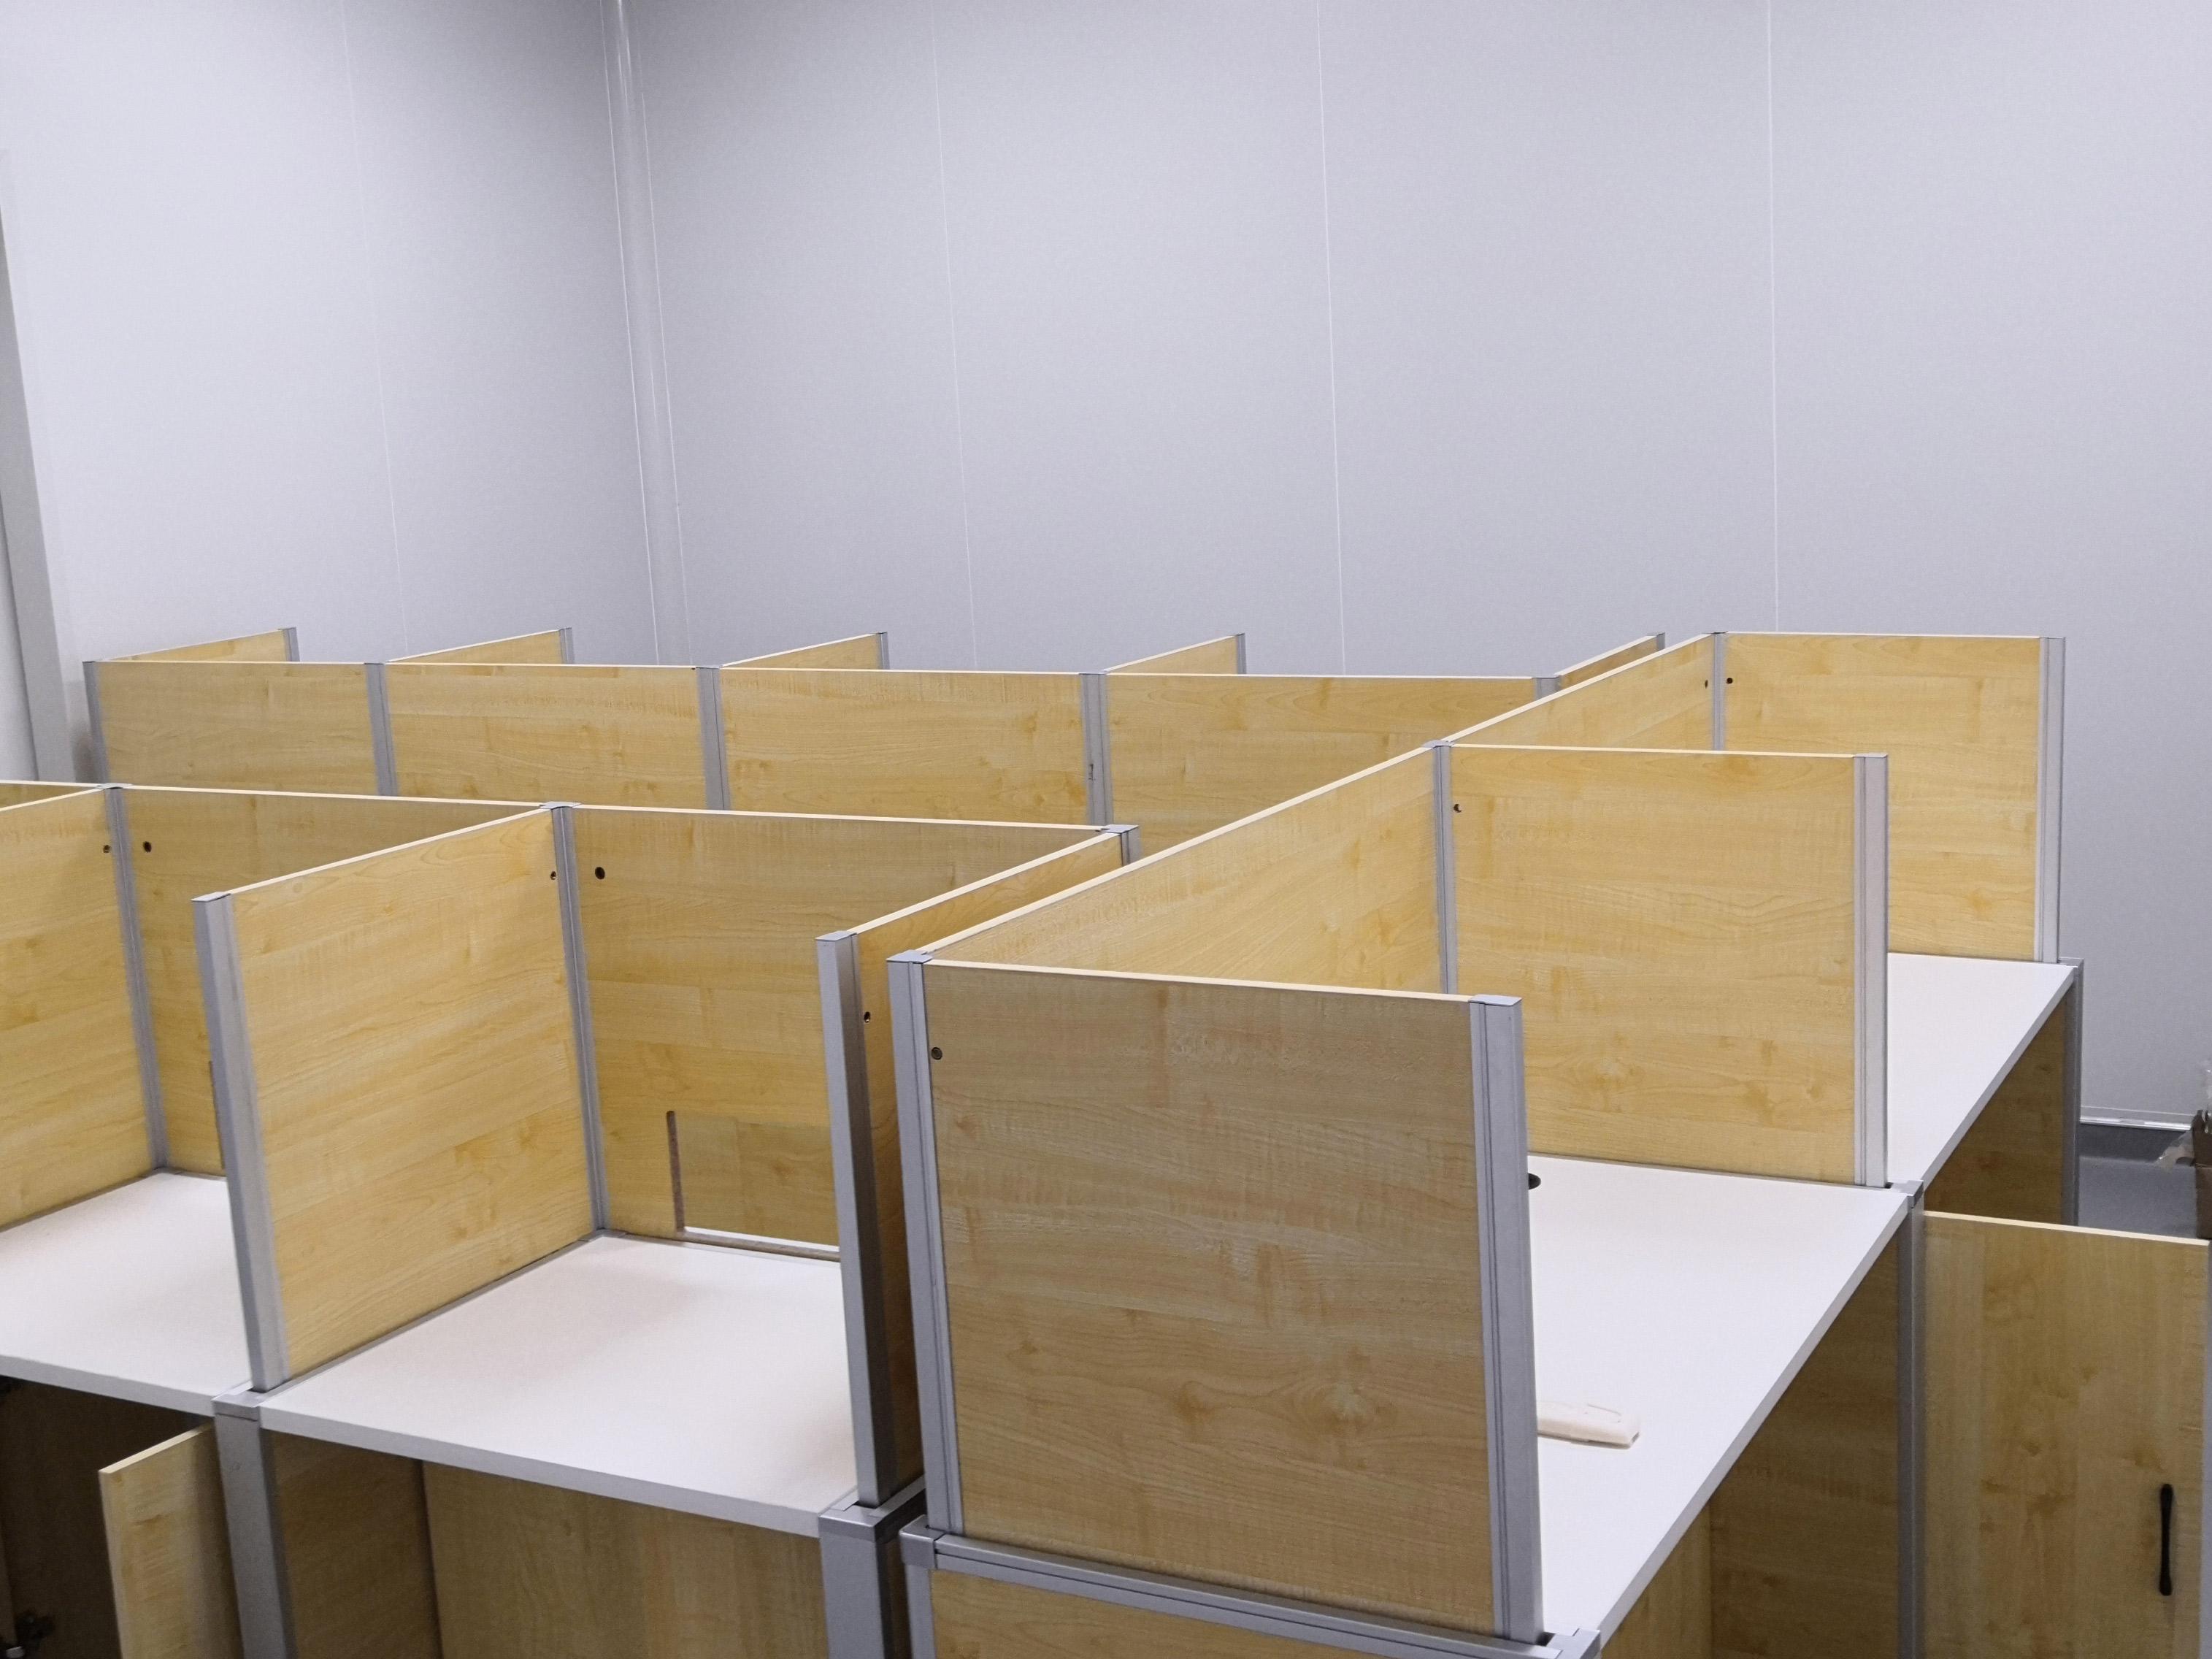 山东青岛雀巢有限公司德赢体育平台下载安装屏风咖啡品尝桌